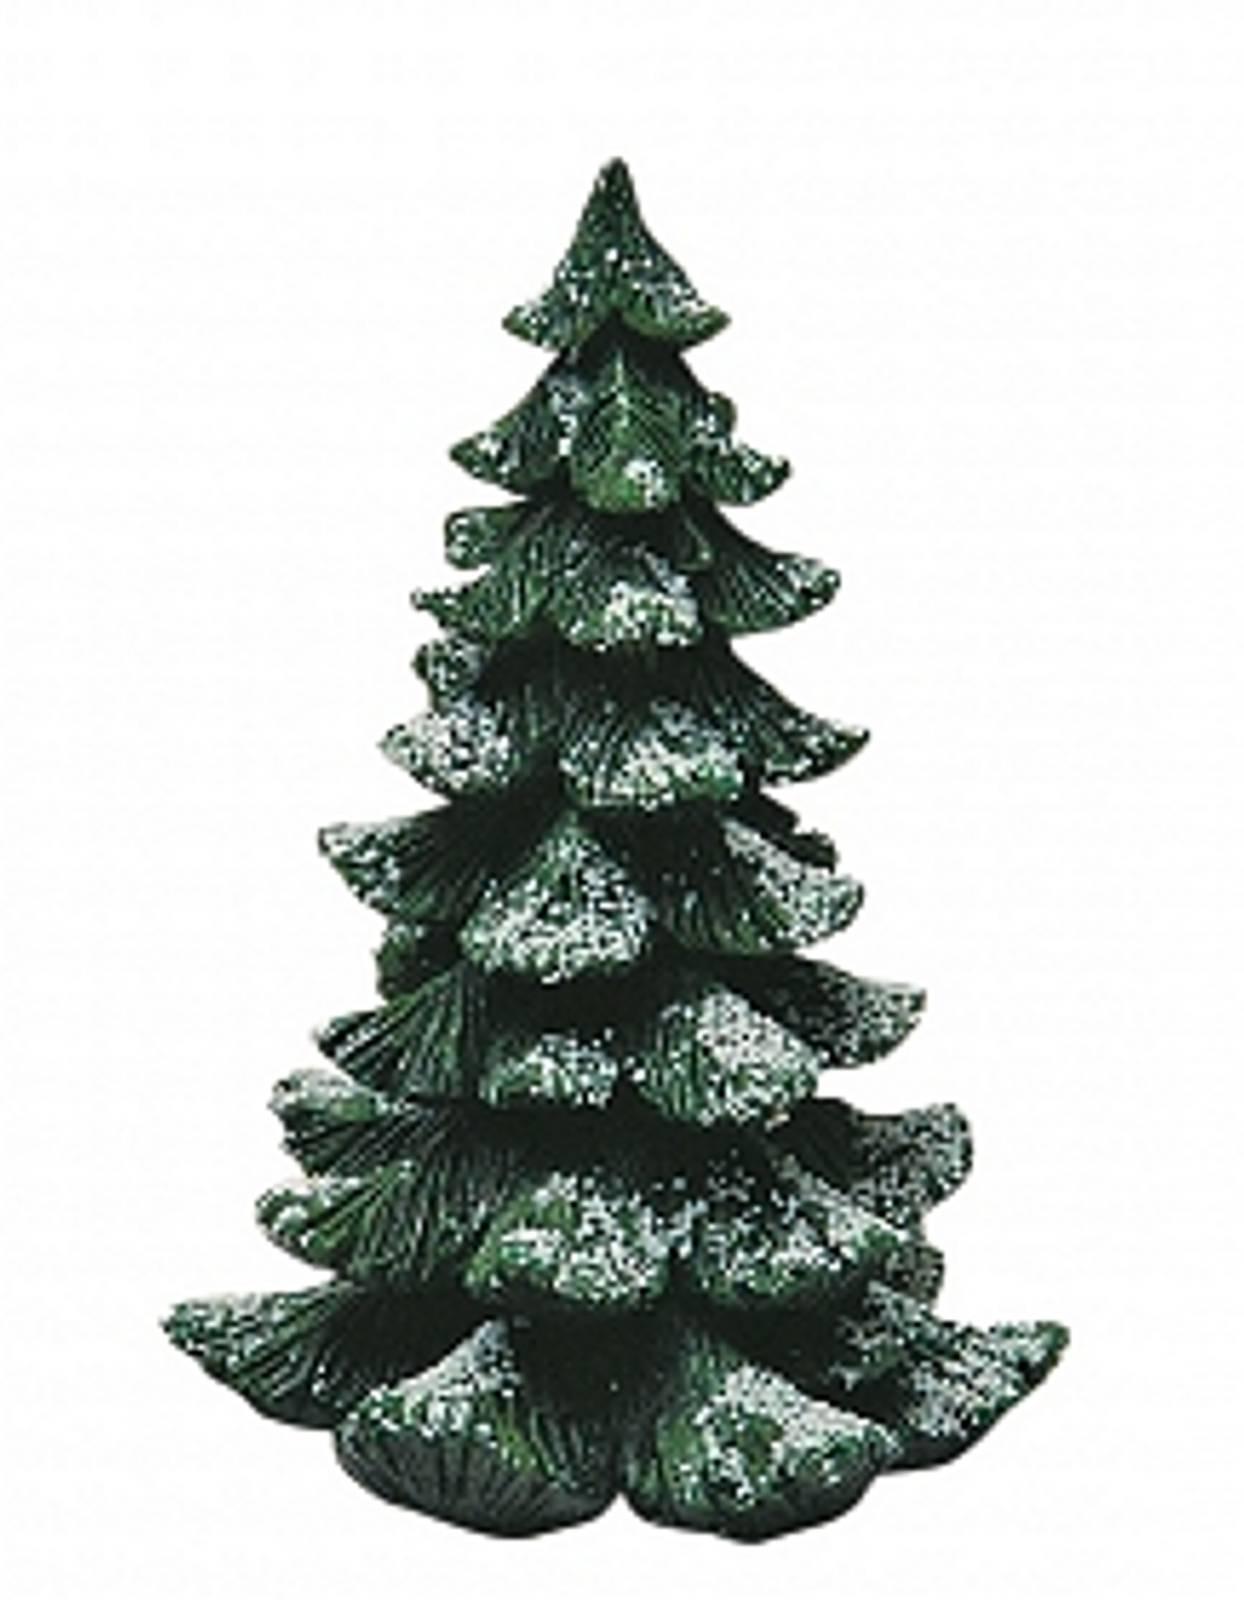 lichthaus wurm zubeh r tanne weihnachtsbaum tannen breit schlank schnee baum ebay. Black Bedroom Furniture Sets. Home Design Ideas